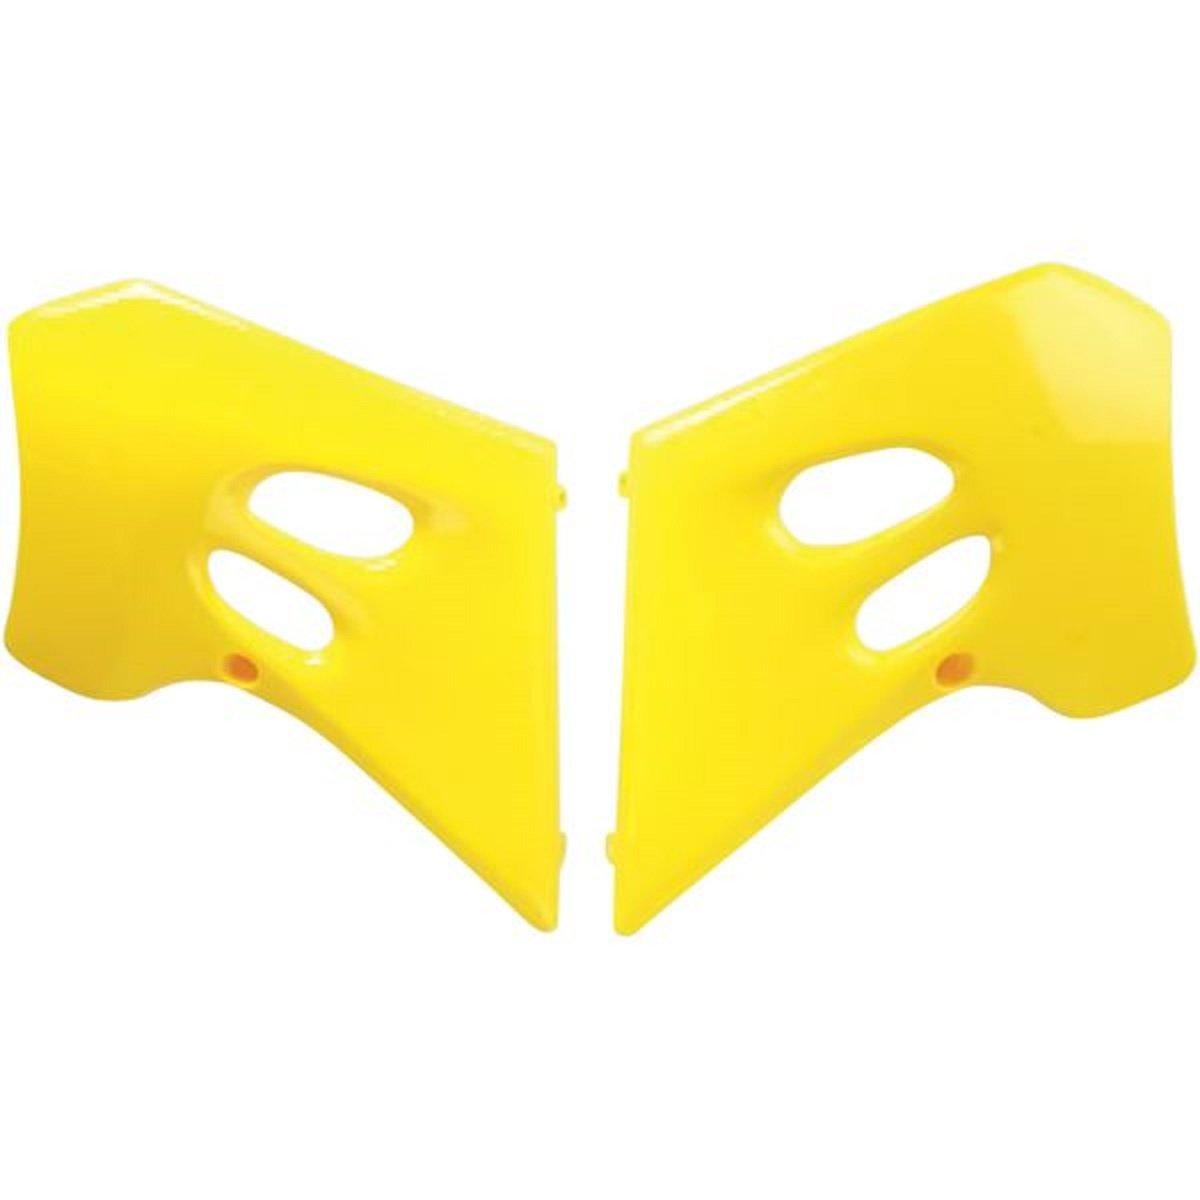 Ufo Yellow Radiator Shrouds Fits Suzuki Rm125 Rm250 1993-1995